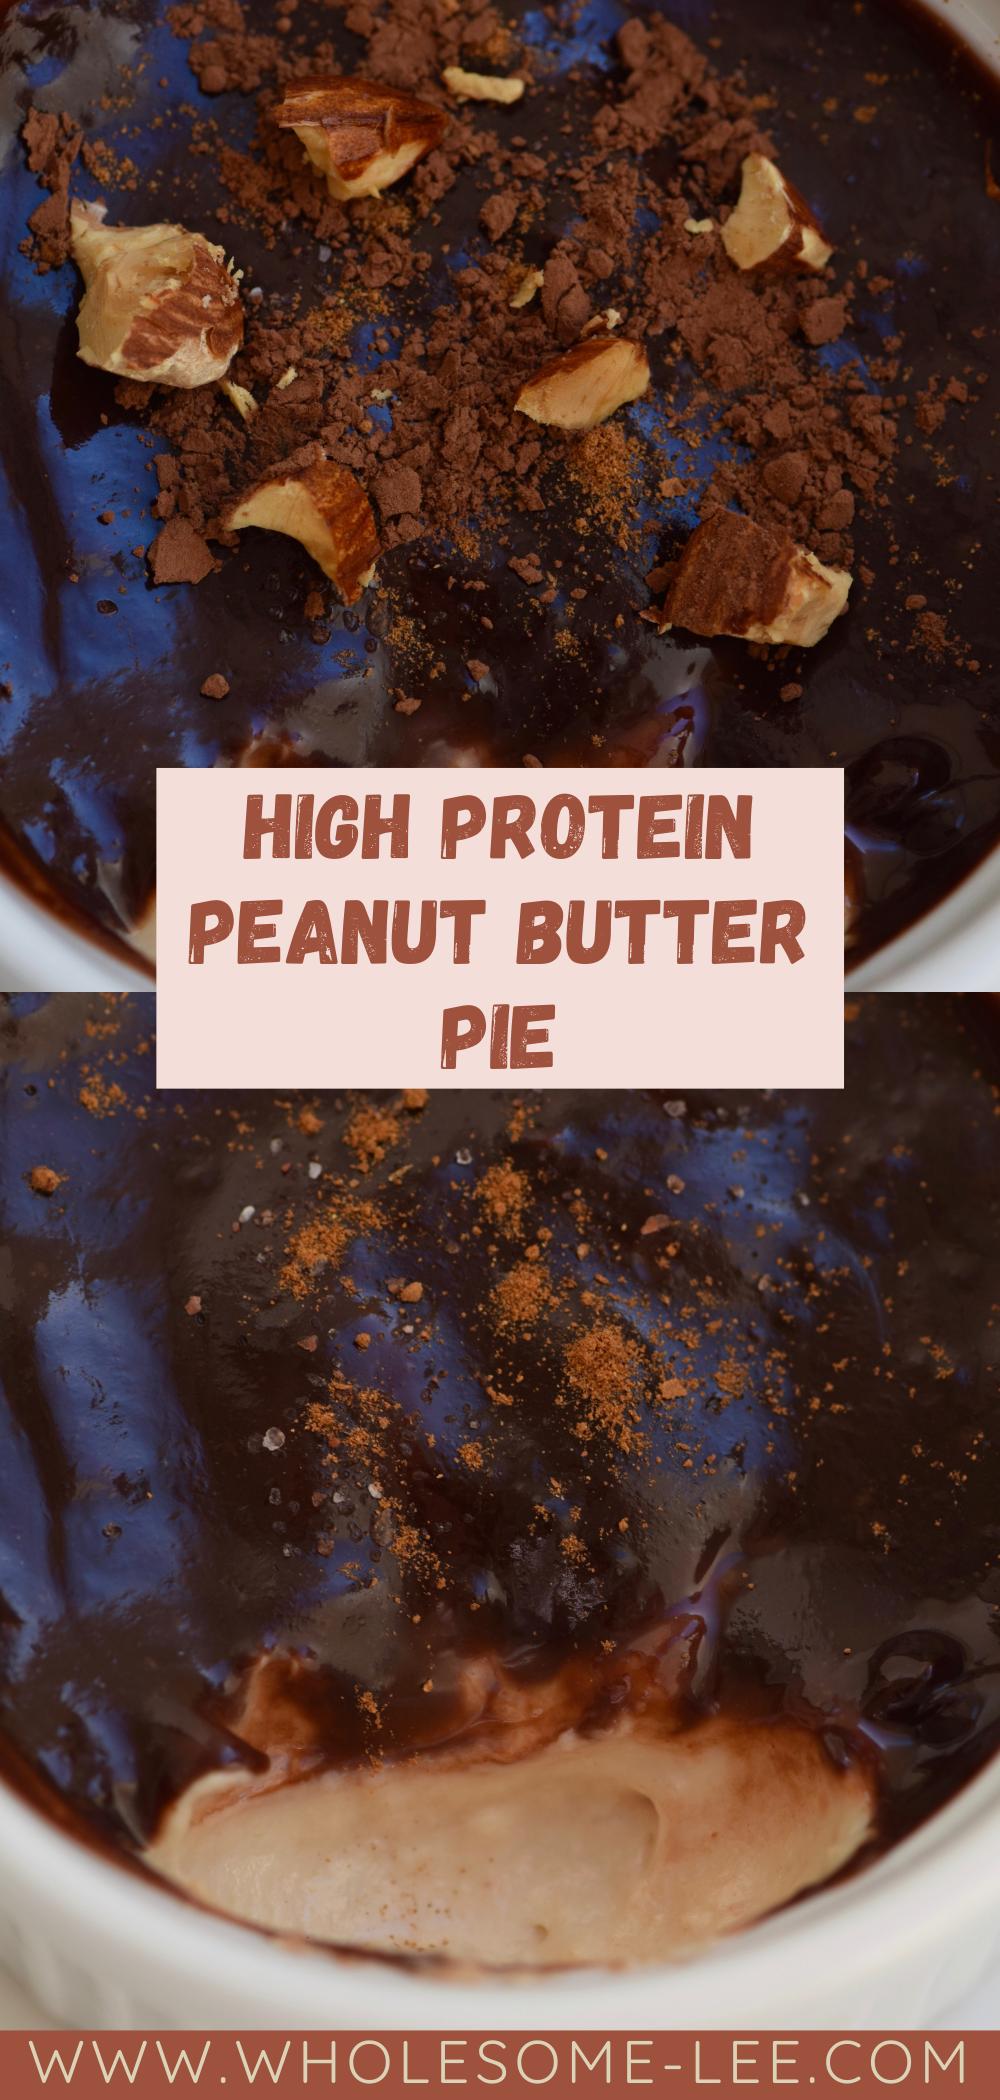 High protein peanut butter pie